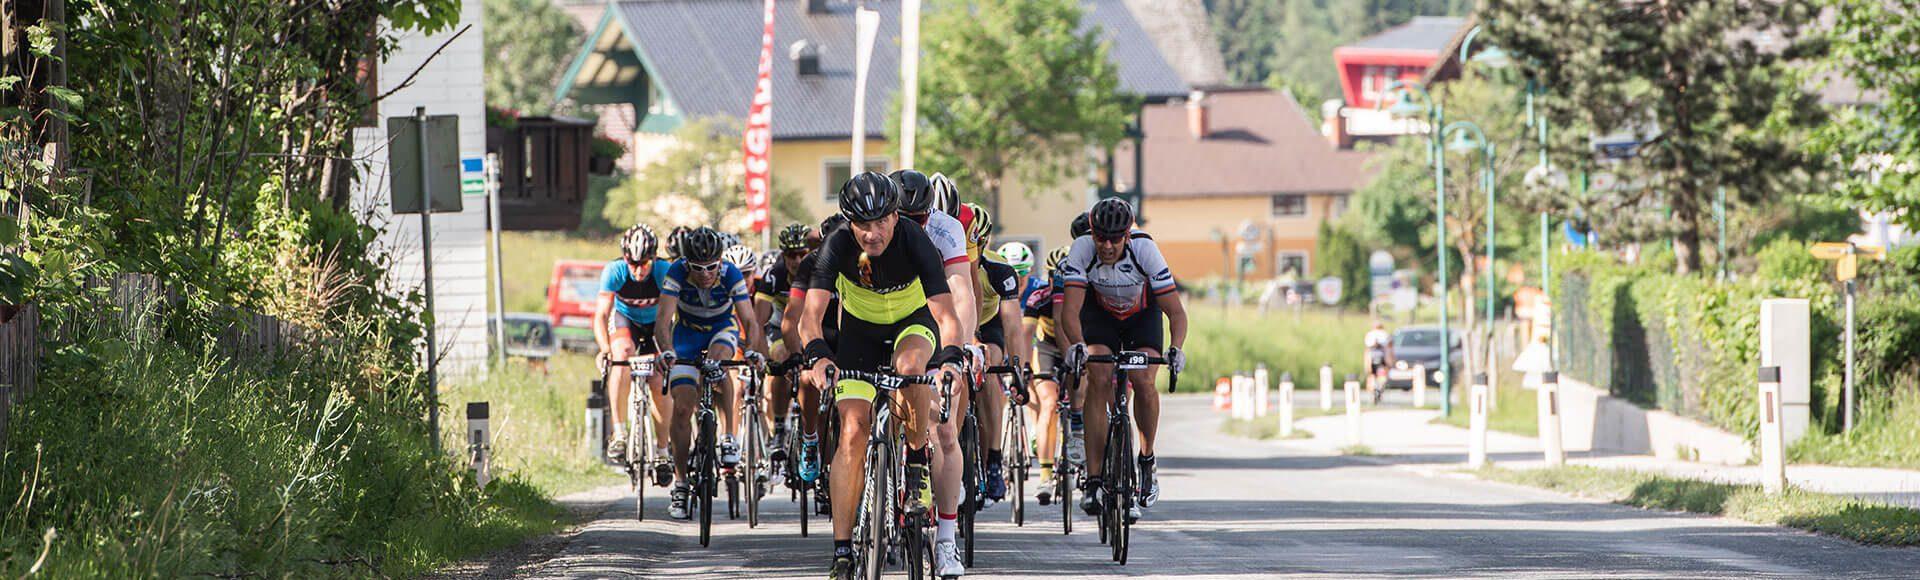 Amade Radmarathon Tourismusverband Radstadt Lorenz Masser 1